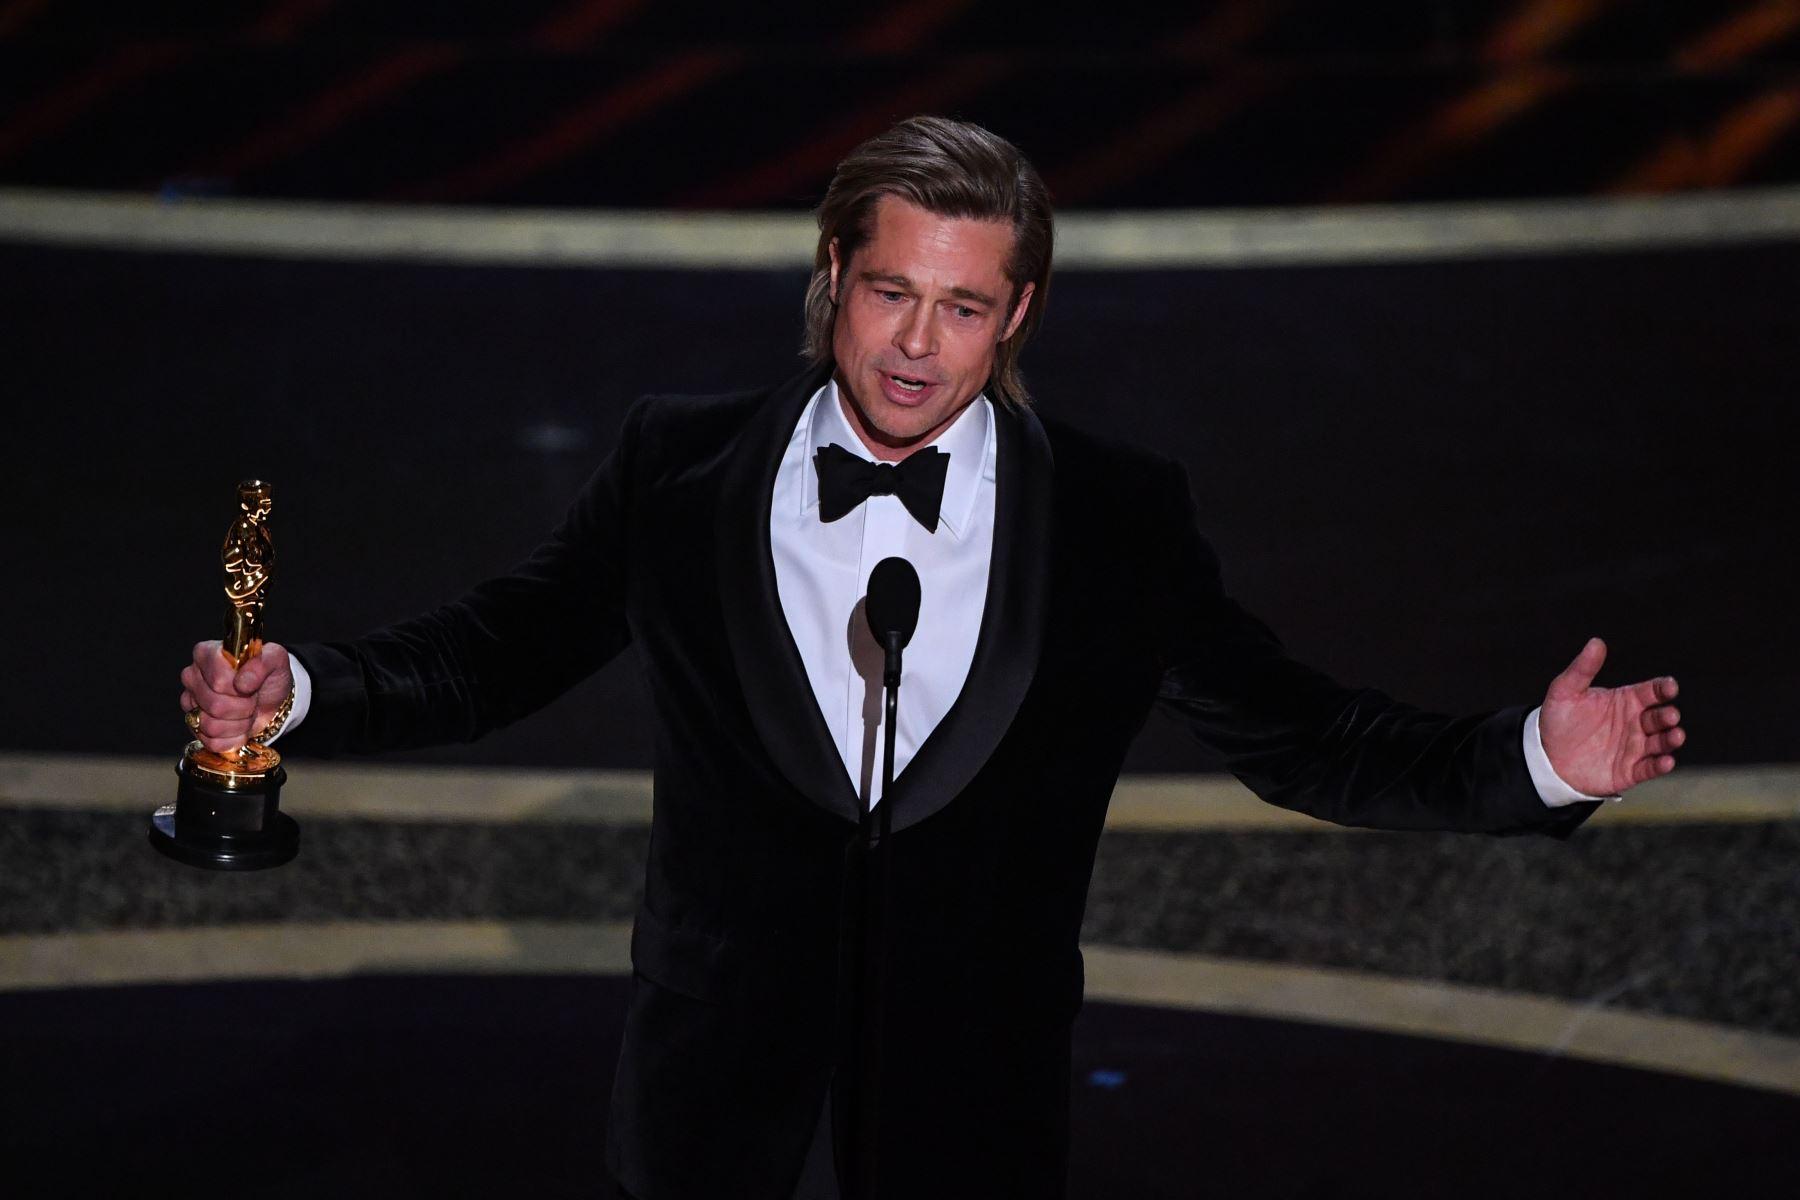 """El actor estadounidense Brad Pitt acepta el premio al Mejor Actor de Reparto por """"Érase una vez ... en Hollywood"""" durante los 92o Oscars en el Dolby Theatre de Hollywood, California.Foto:AFP"""